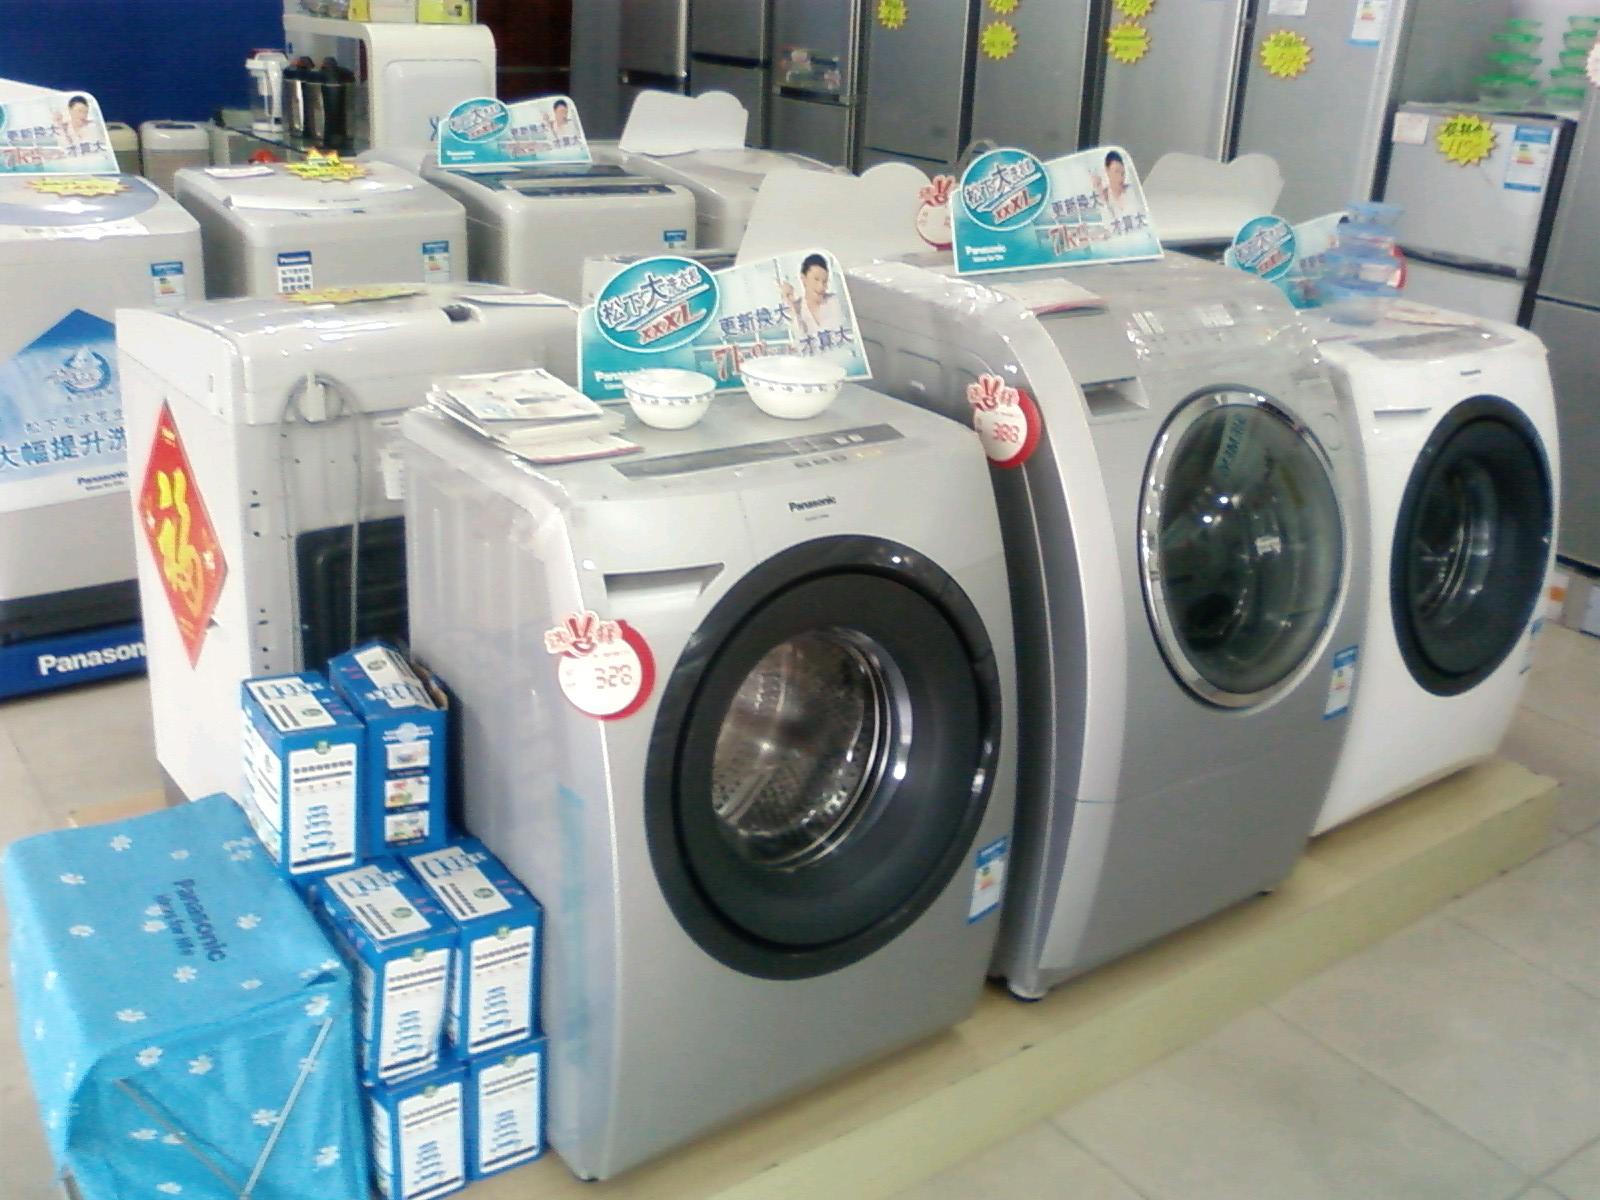 松下洗衣机陈列-肇庆市海尔专卖店-名海电器--